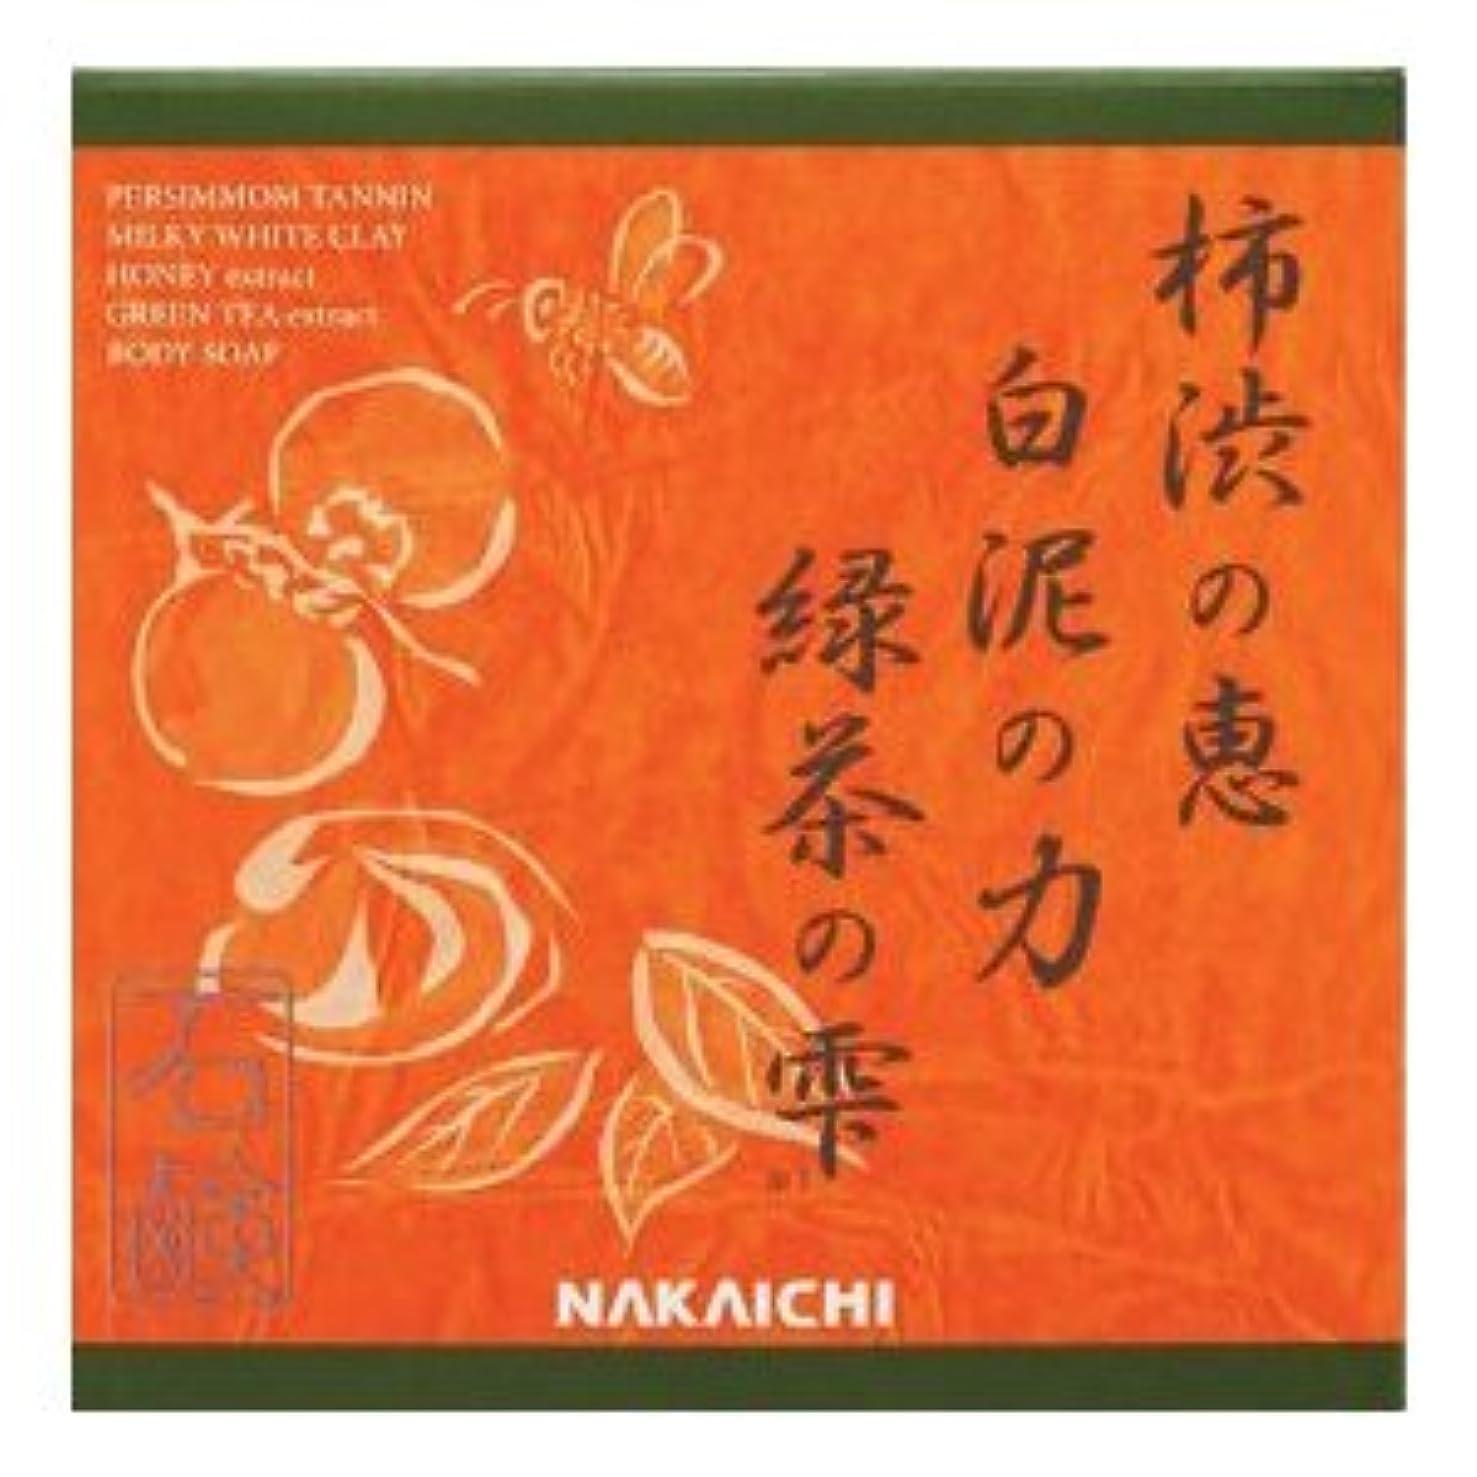 徹底的にミサイル人柄柿渋の恵み?白泥の力?緑茶の雫  Nakaichi クリアボディーソープ  100g  (化粧品)